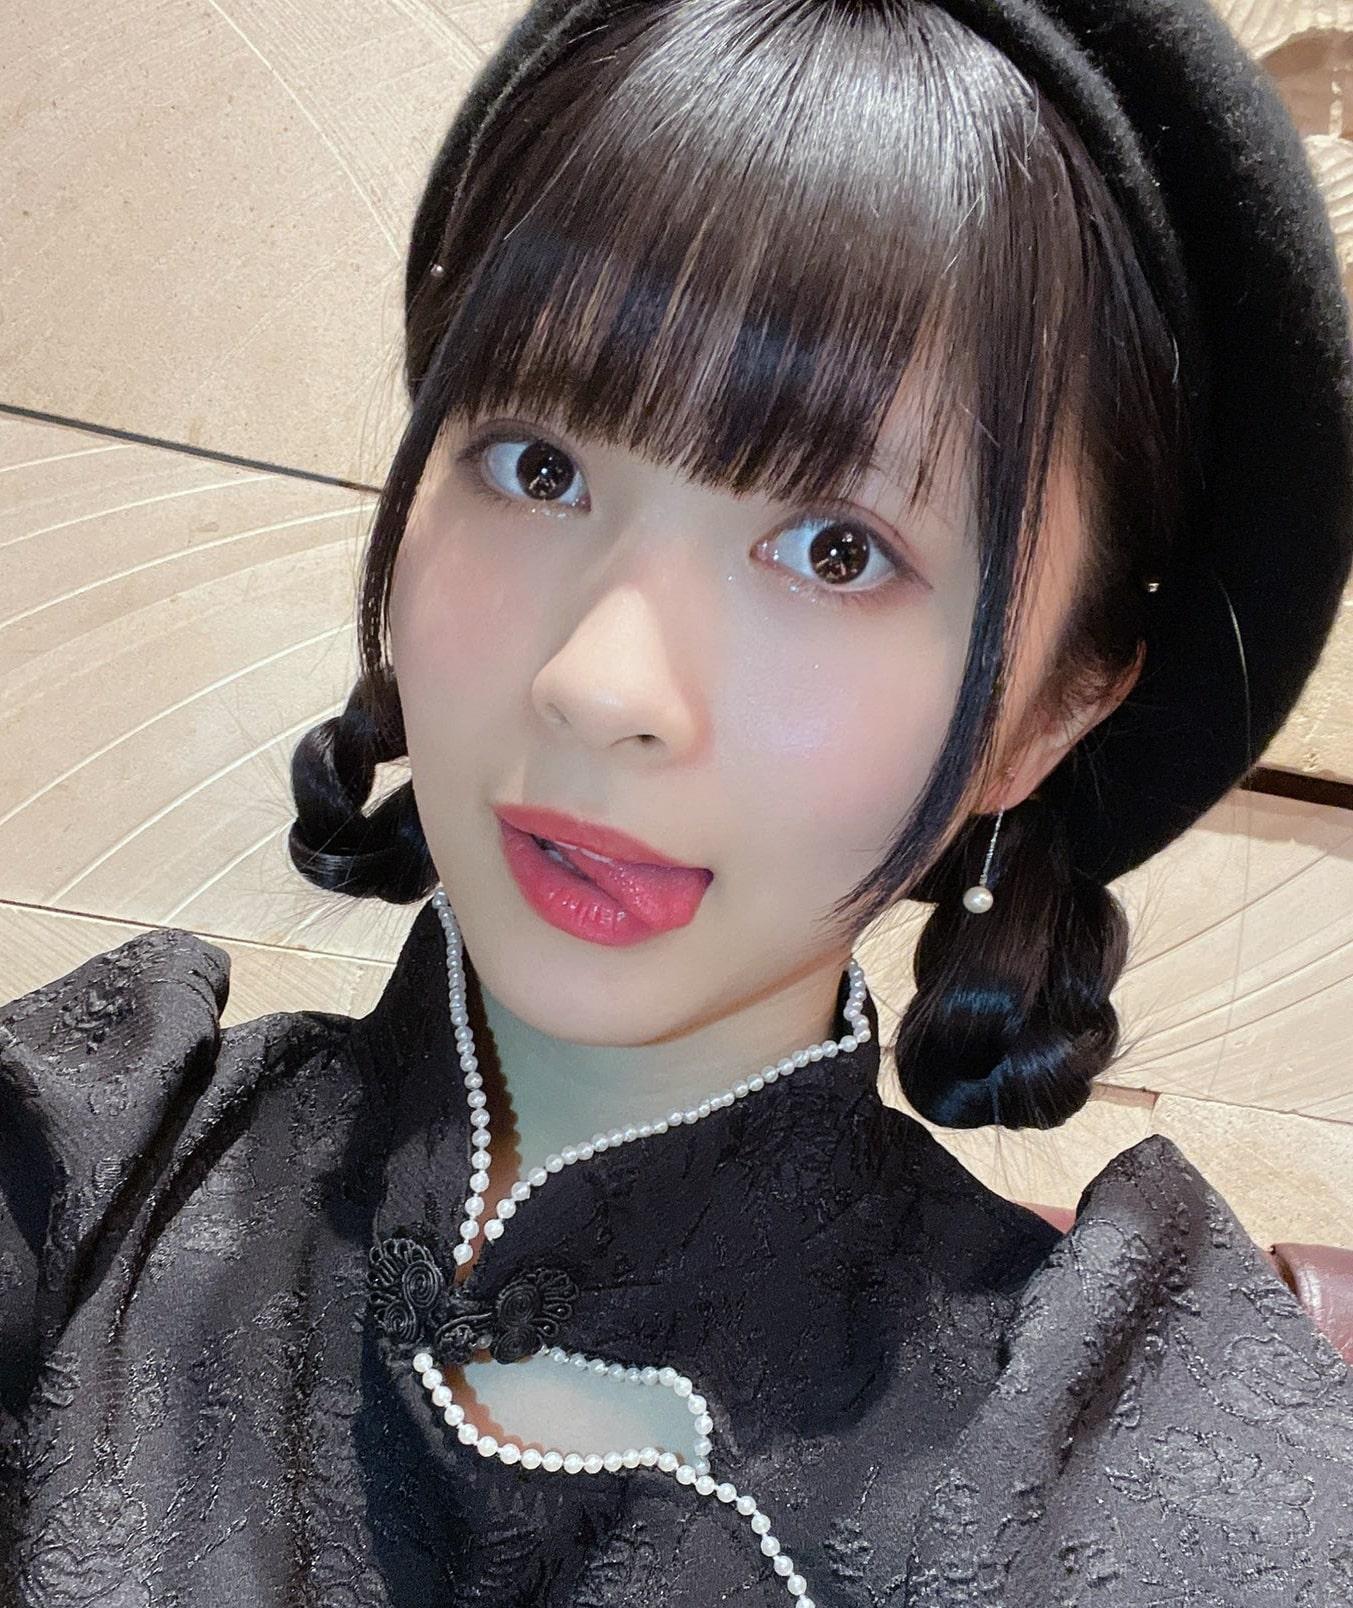 藤井優衣の舌出し (29)